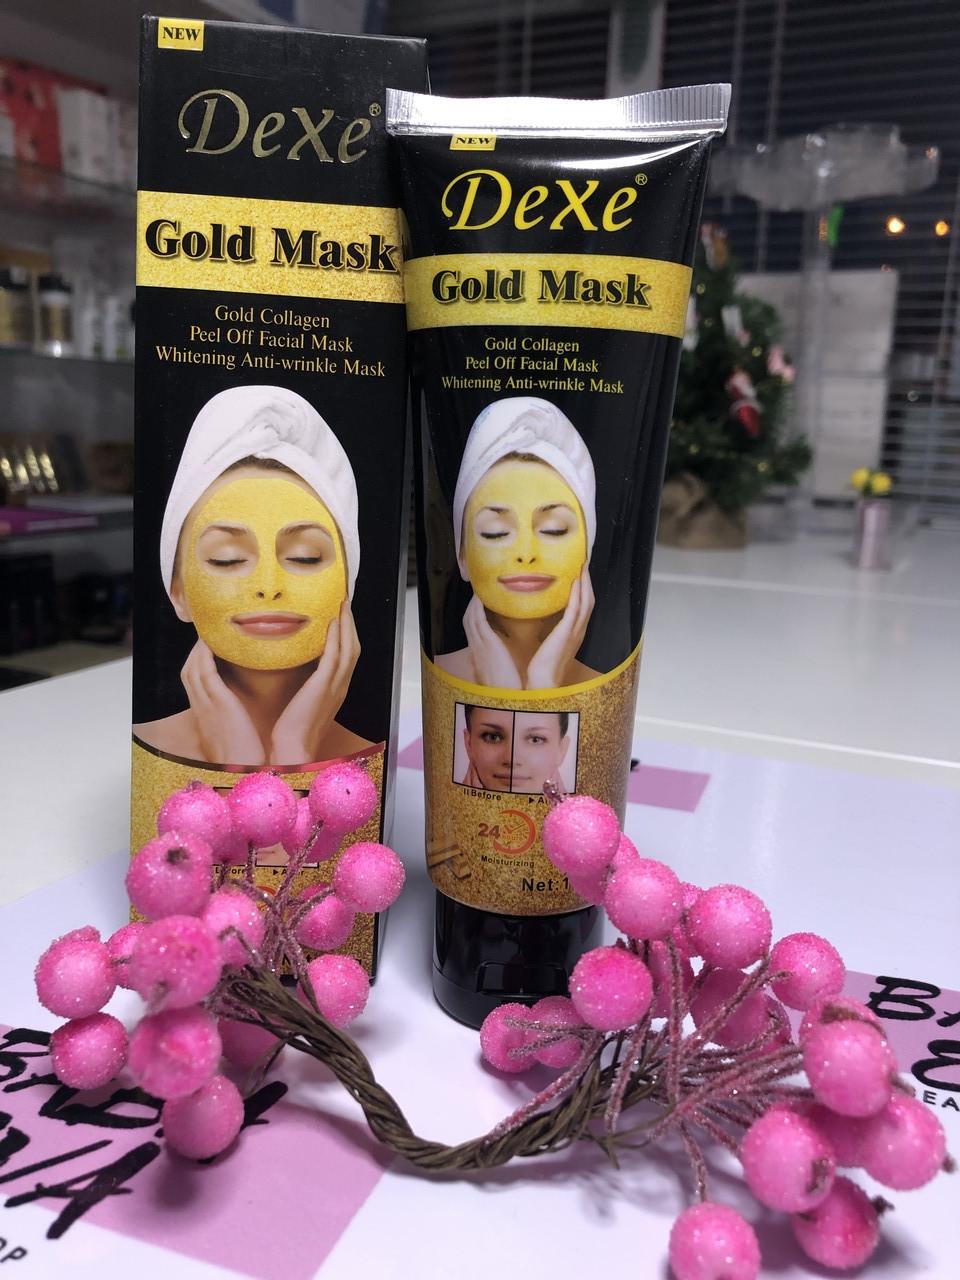 Золотая омолаживающая маска для лица DEXE 24k GOLD MASK 120g маска от морщин.